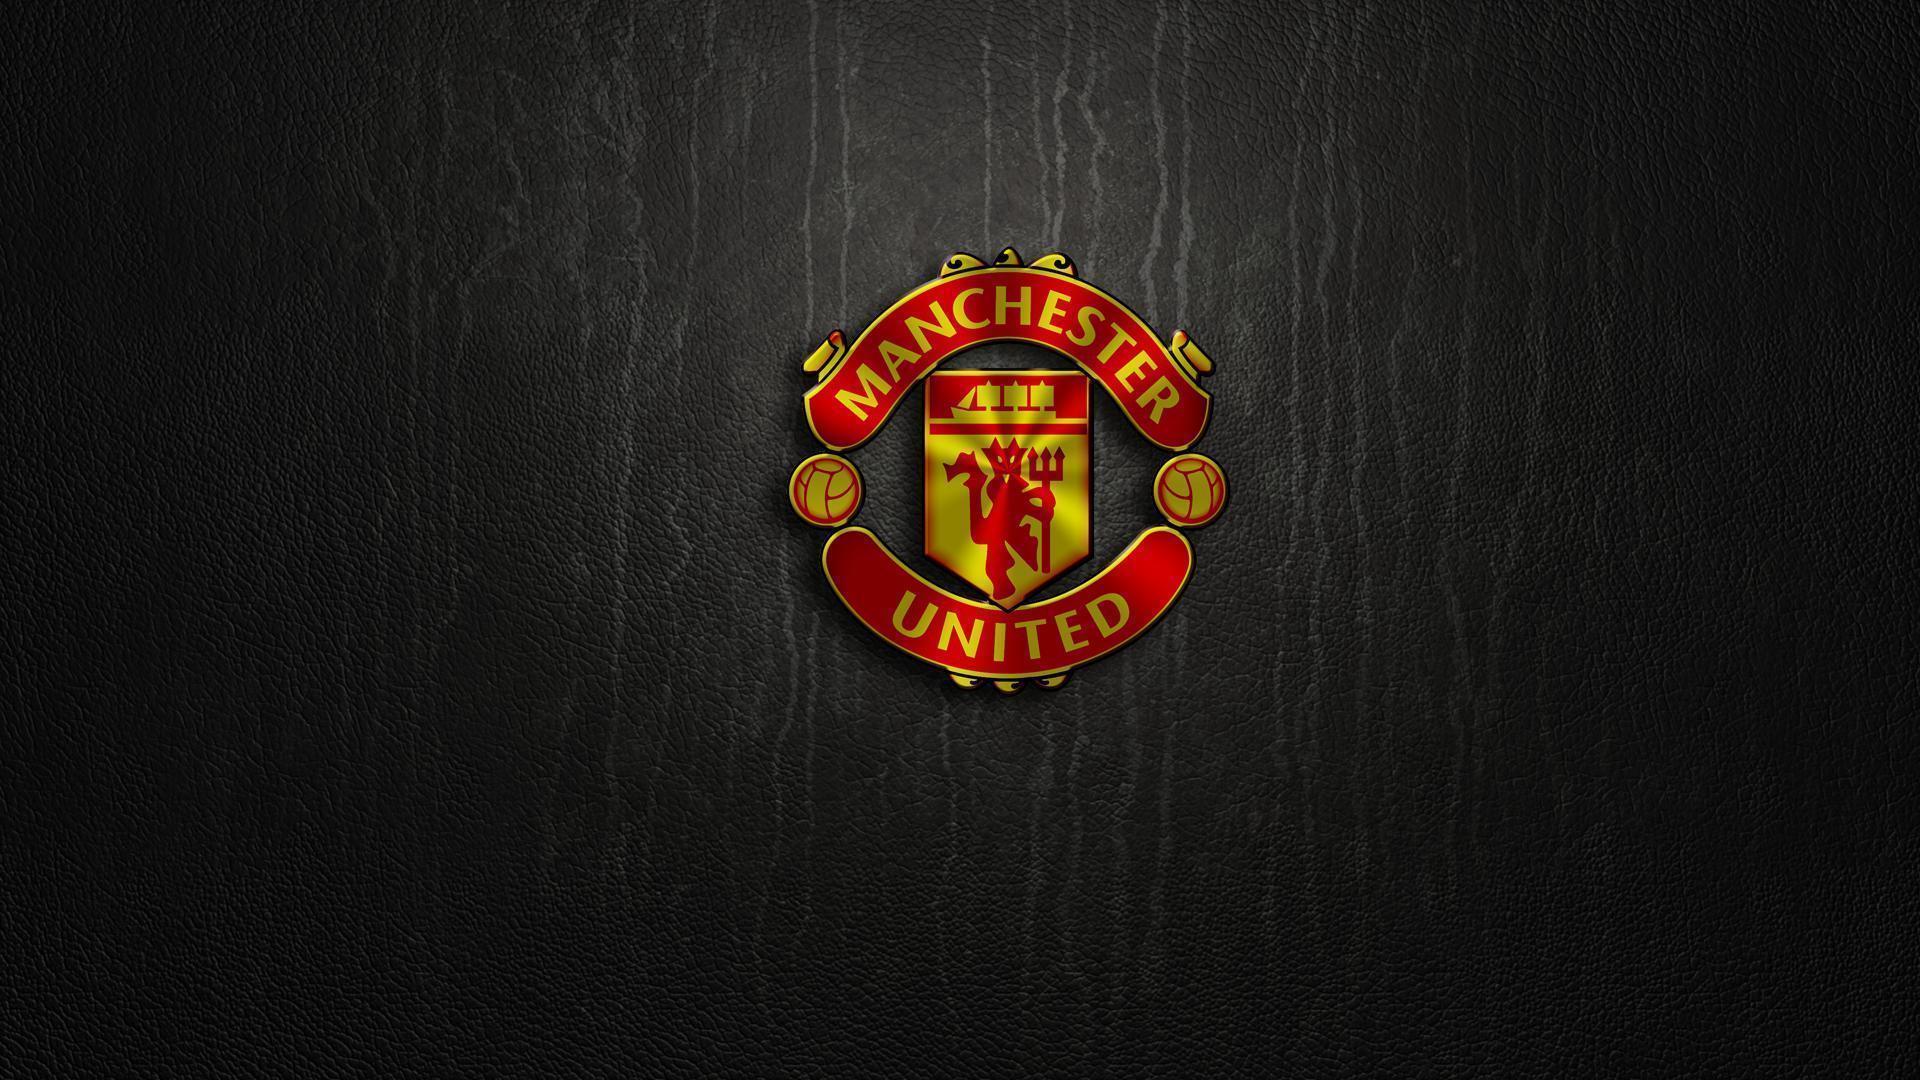 Manchester United Best Logo Wallpaper Hd 6877 #6936) wallpaper ...